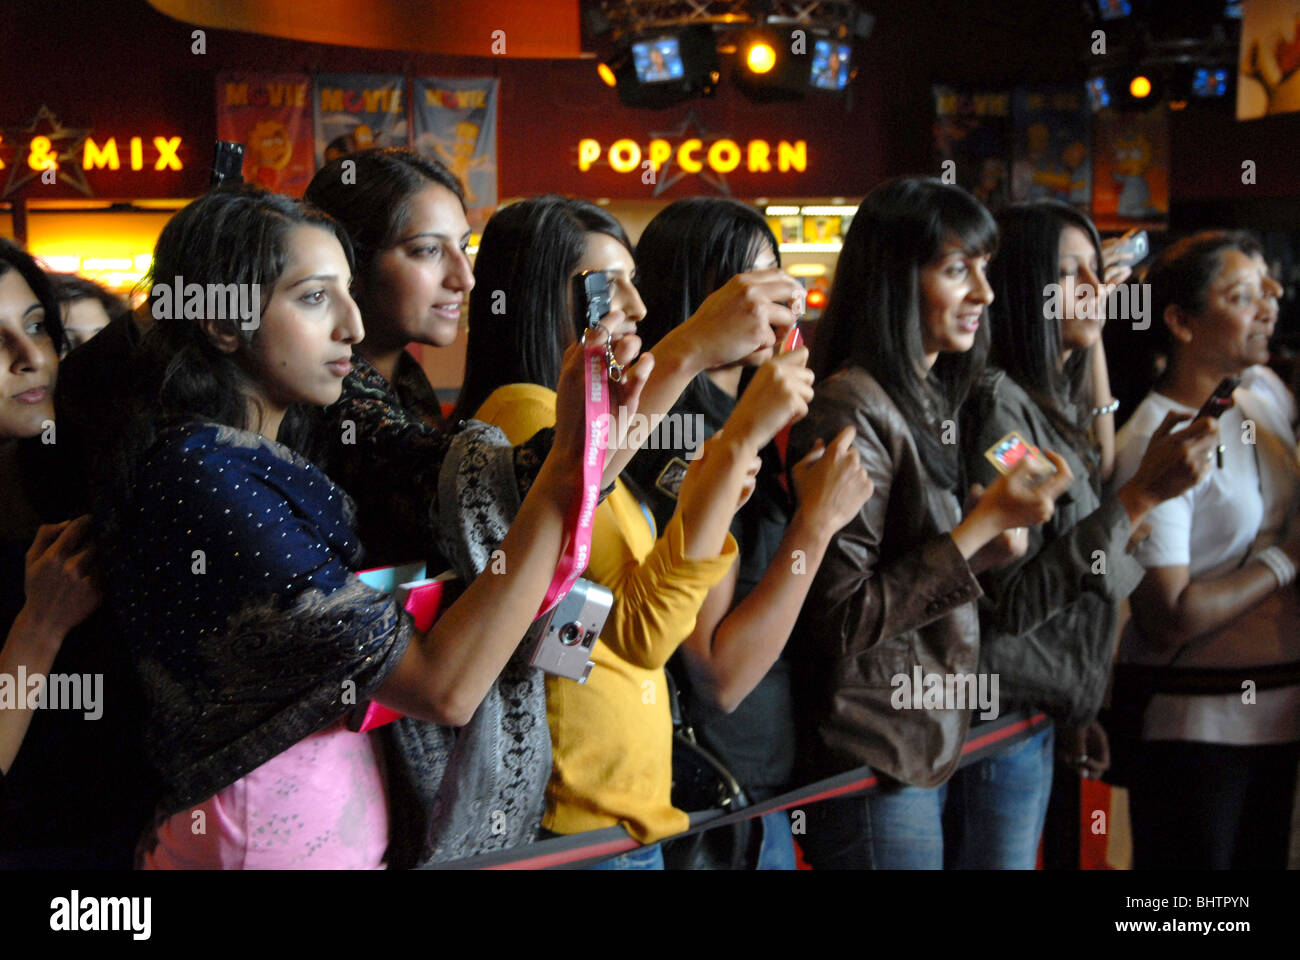 Einheimischen Briten geboren indische Frauen warten auf Bollywood-Stars bei der Kinowelt in Bradford, Yorkshire Stockbild